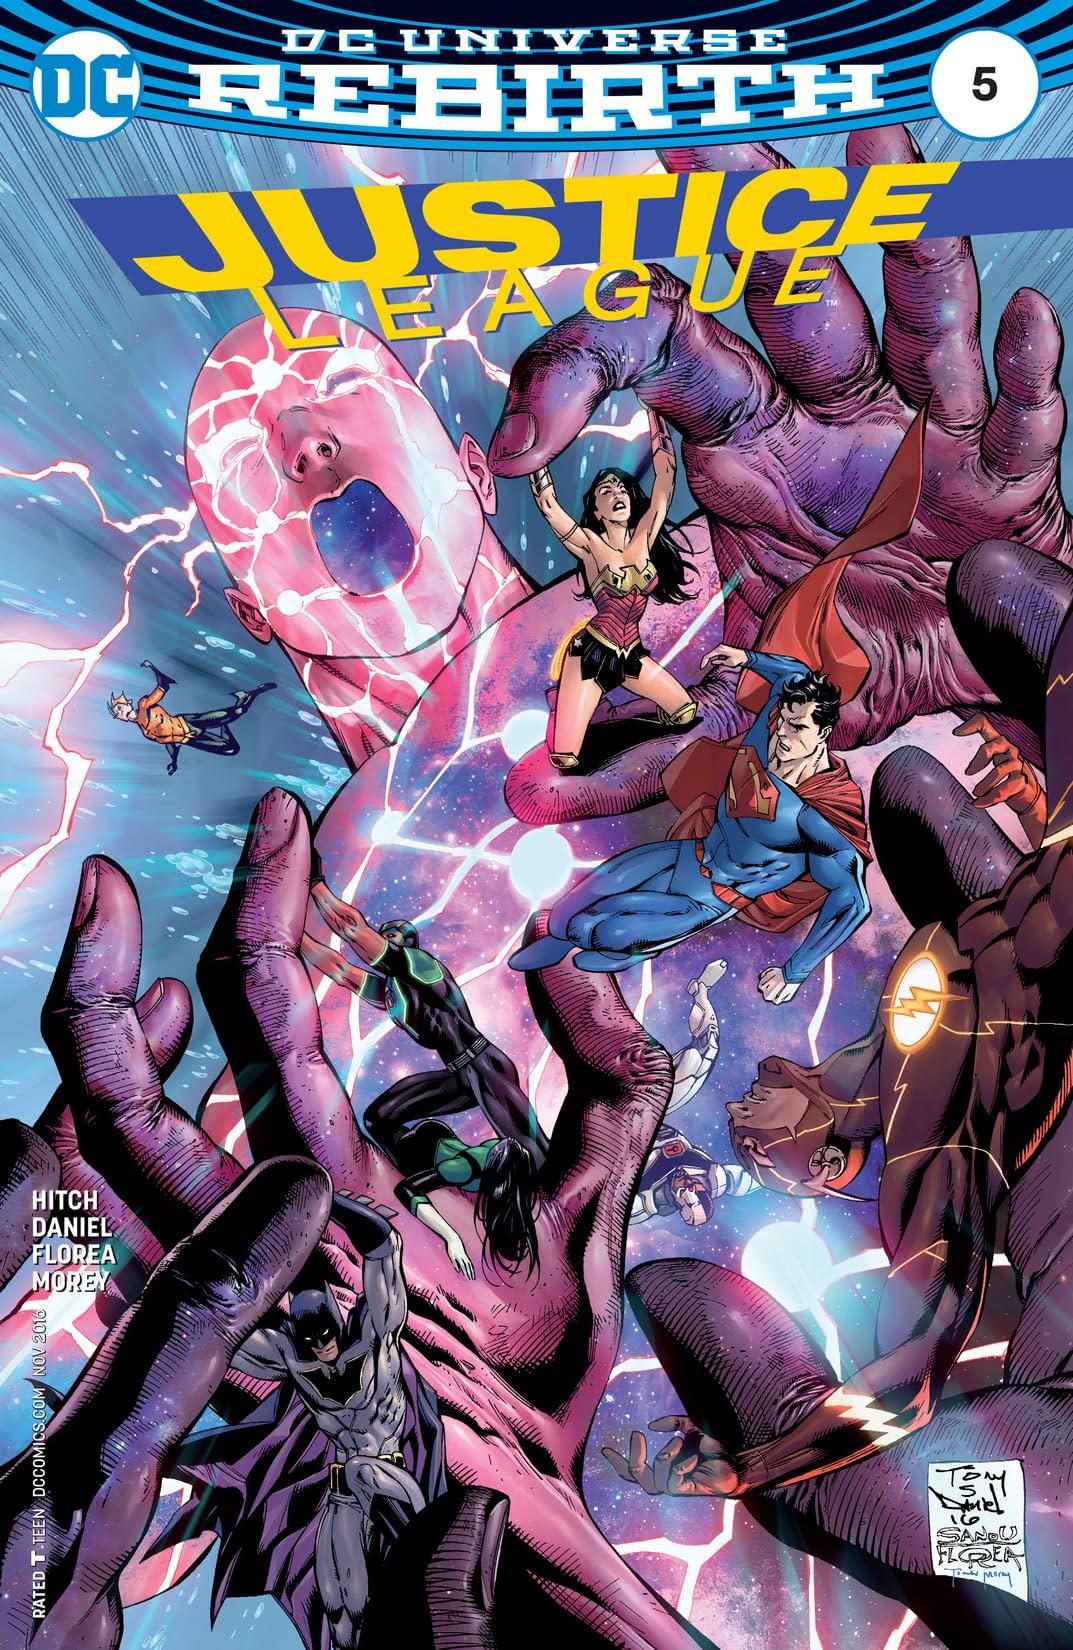 Justice League (2016-) #5